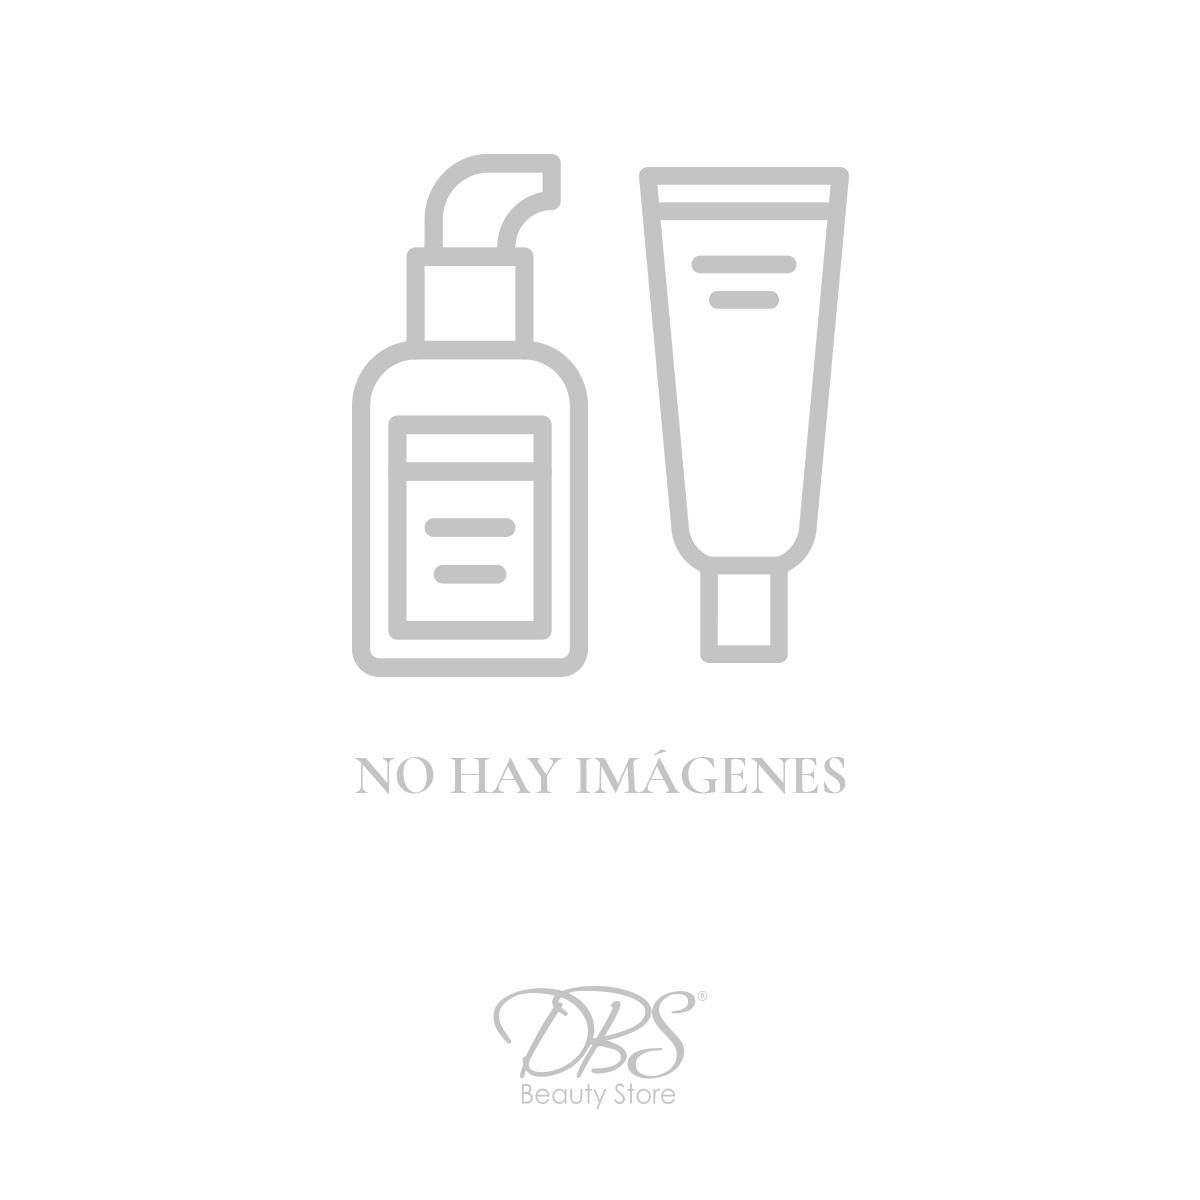 bath-and-body-works-BW-36111.jpg